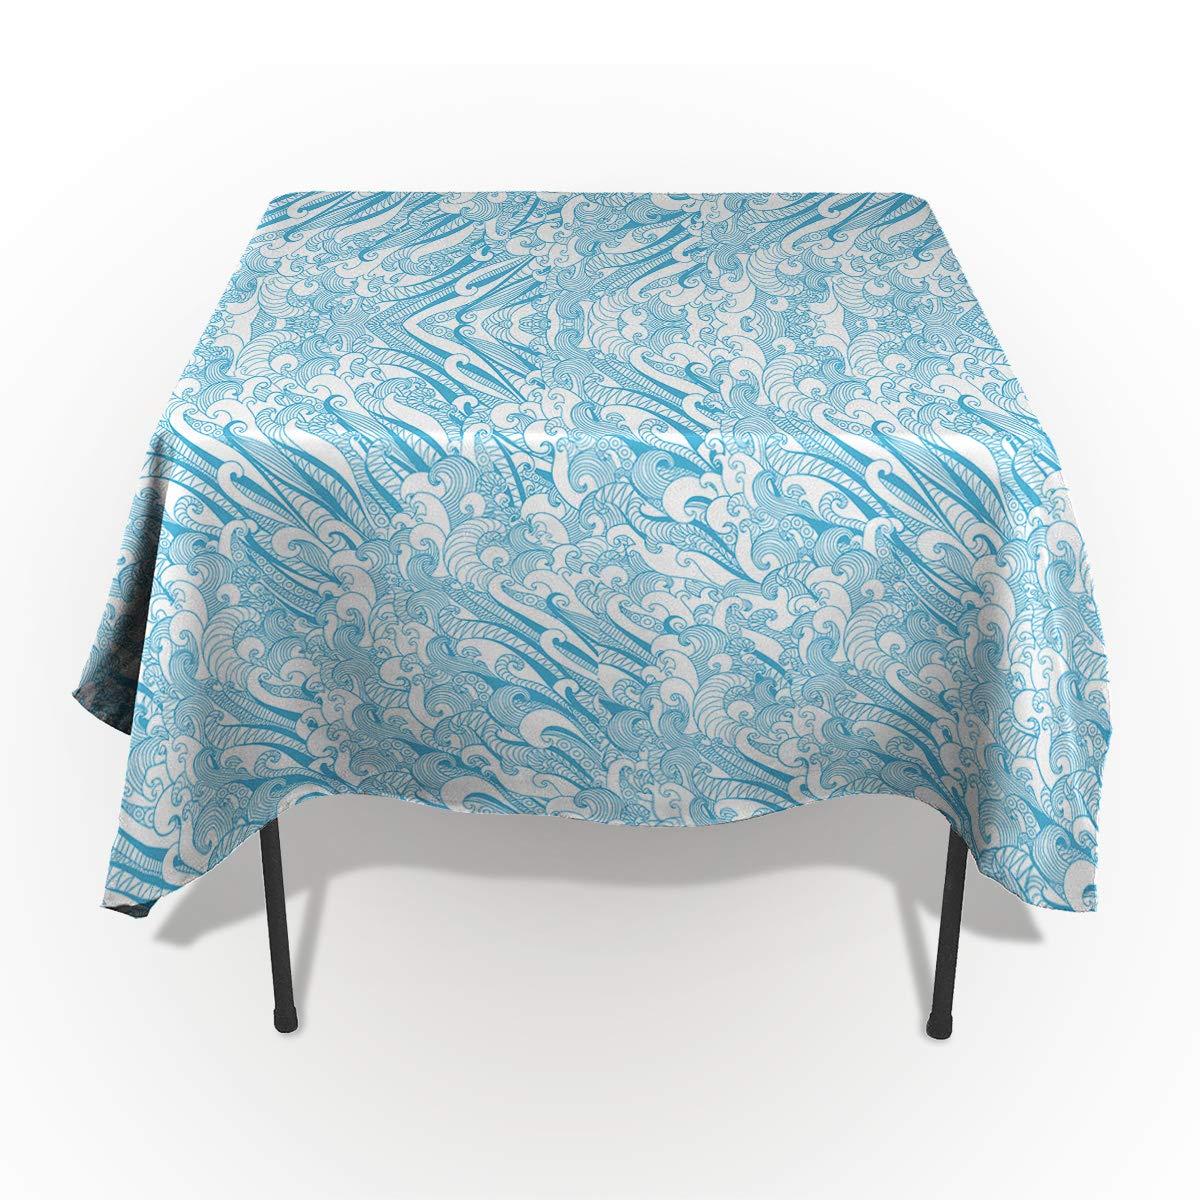 長方形ポリエステルテーブルクロス ミステリアスなビビッドパレス 花柄テーブルクロス 洗濯機洗い可能 テーブルカバー 装飾テーブルクロス キッチン ダイニング 宴会 パーティー 60